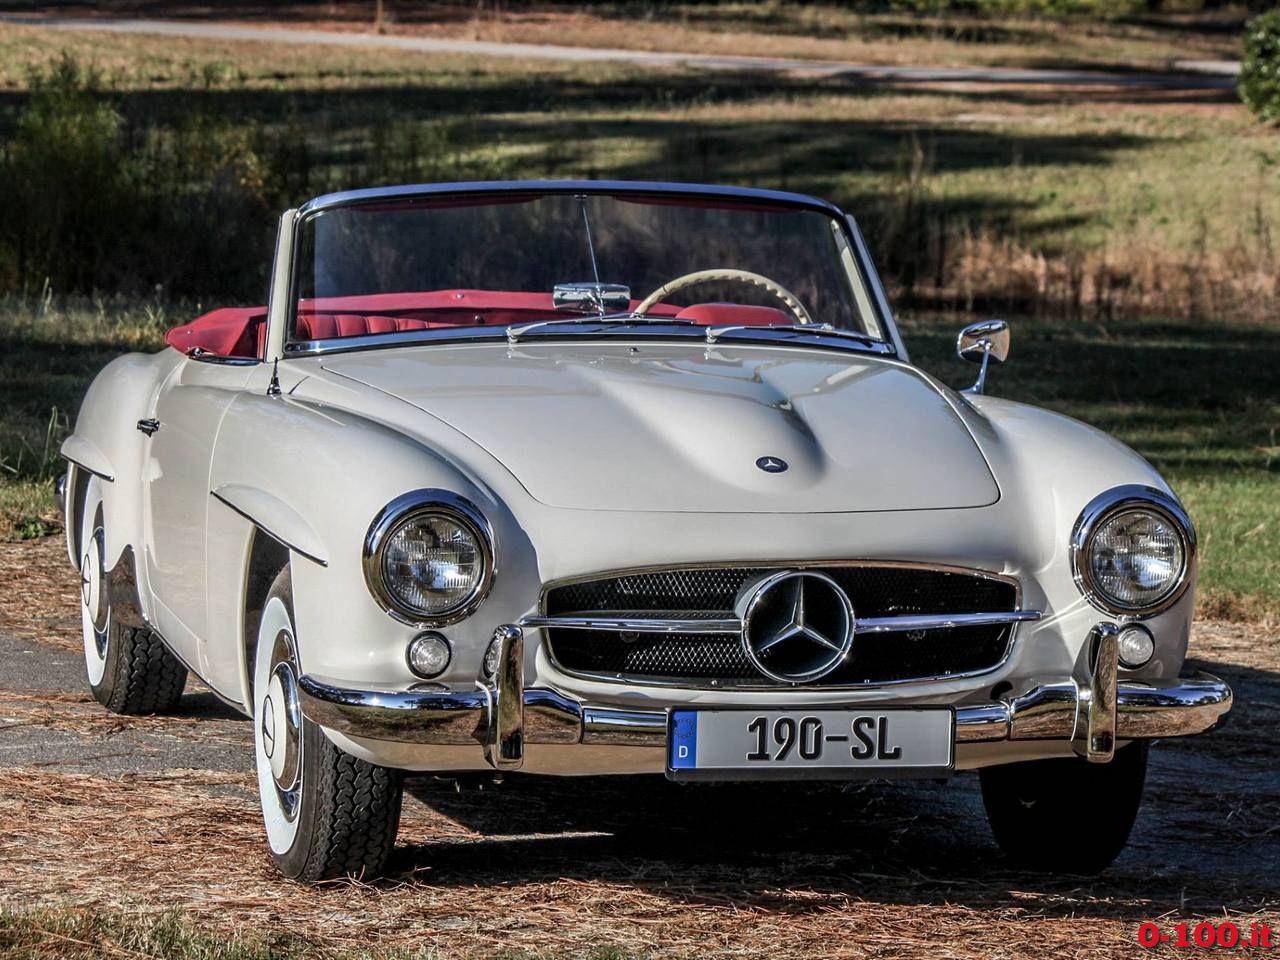 mercedes-190-sl-1955-1963-prezzo-price_0-100-4